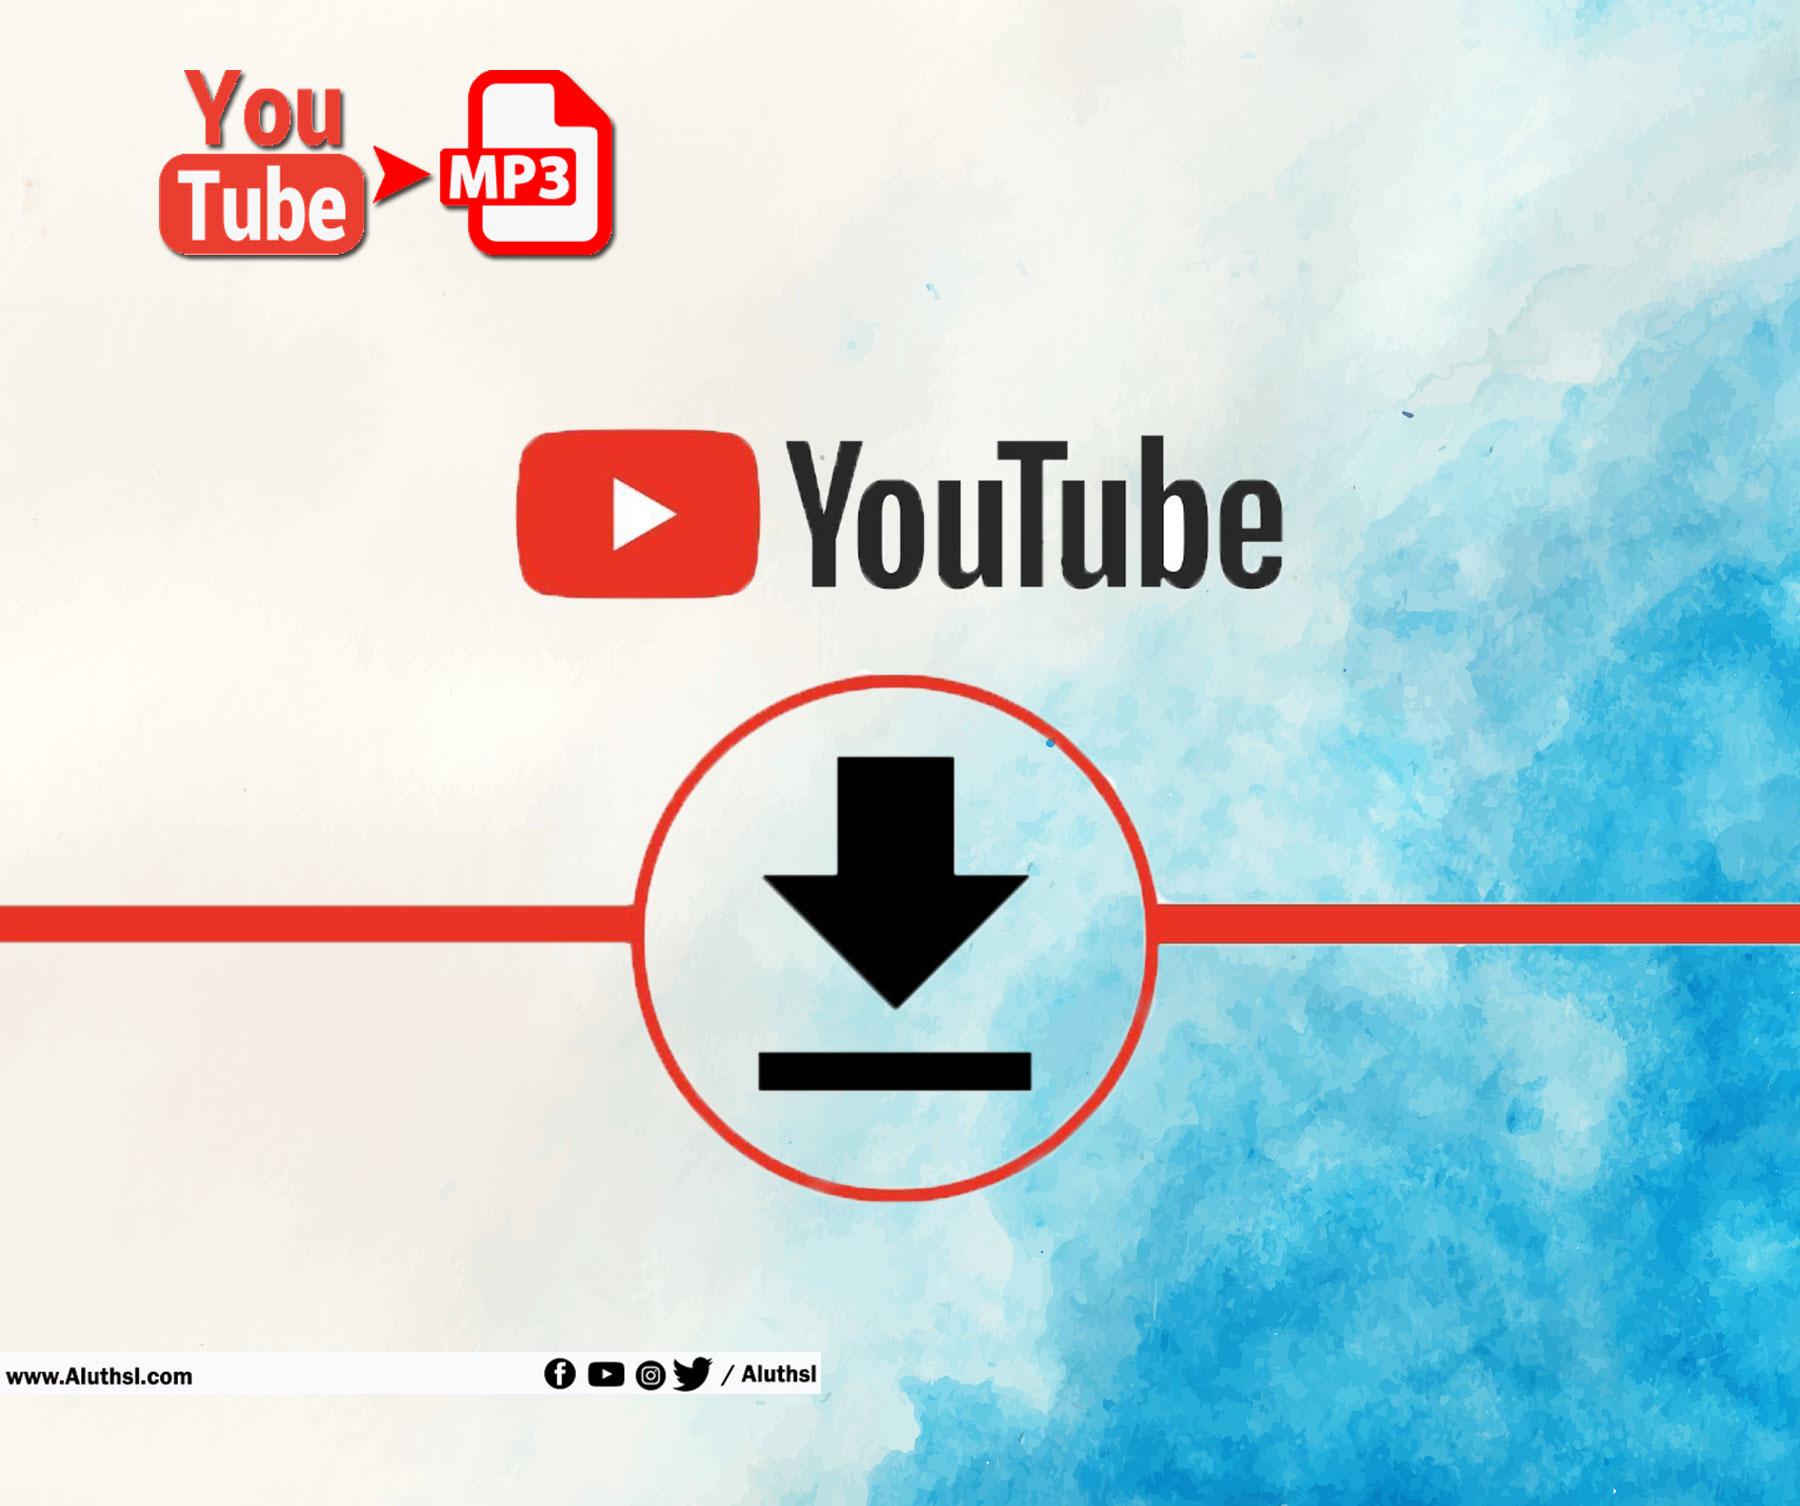 YouTube Video  Convert කරමු mp3 වලට